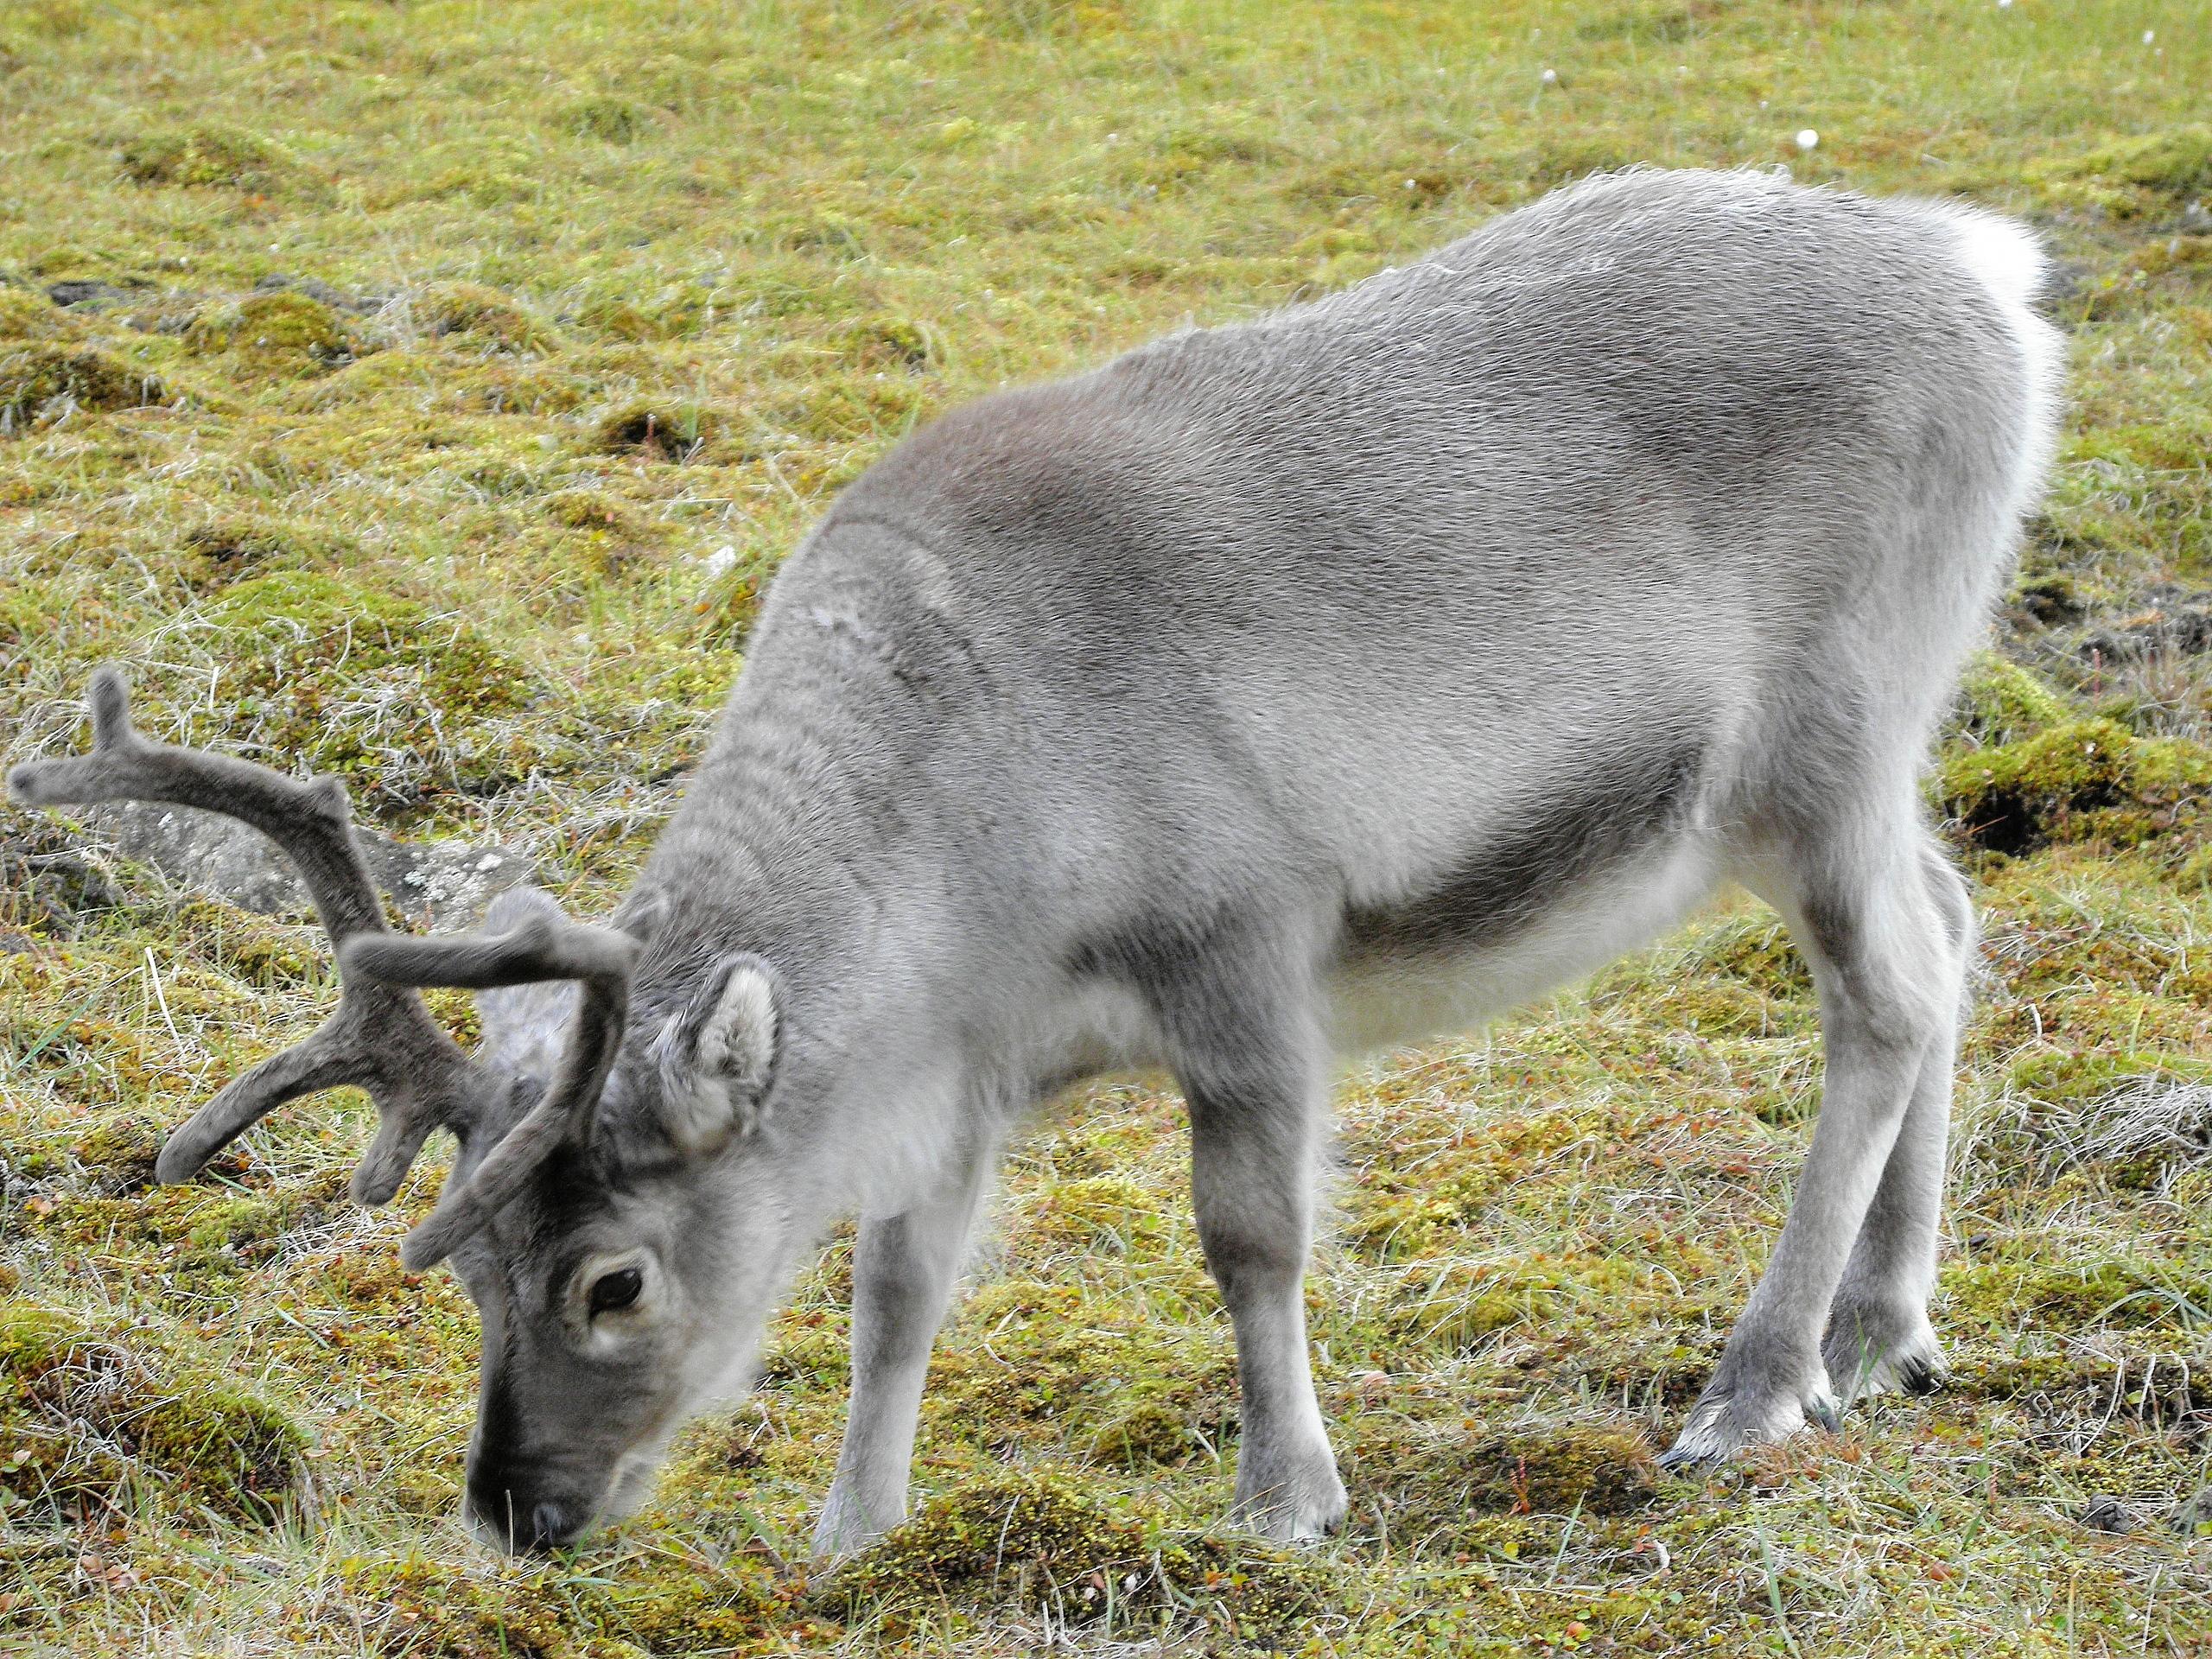 File:Svalbard reindeer.jpg - Wikimedia Commons